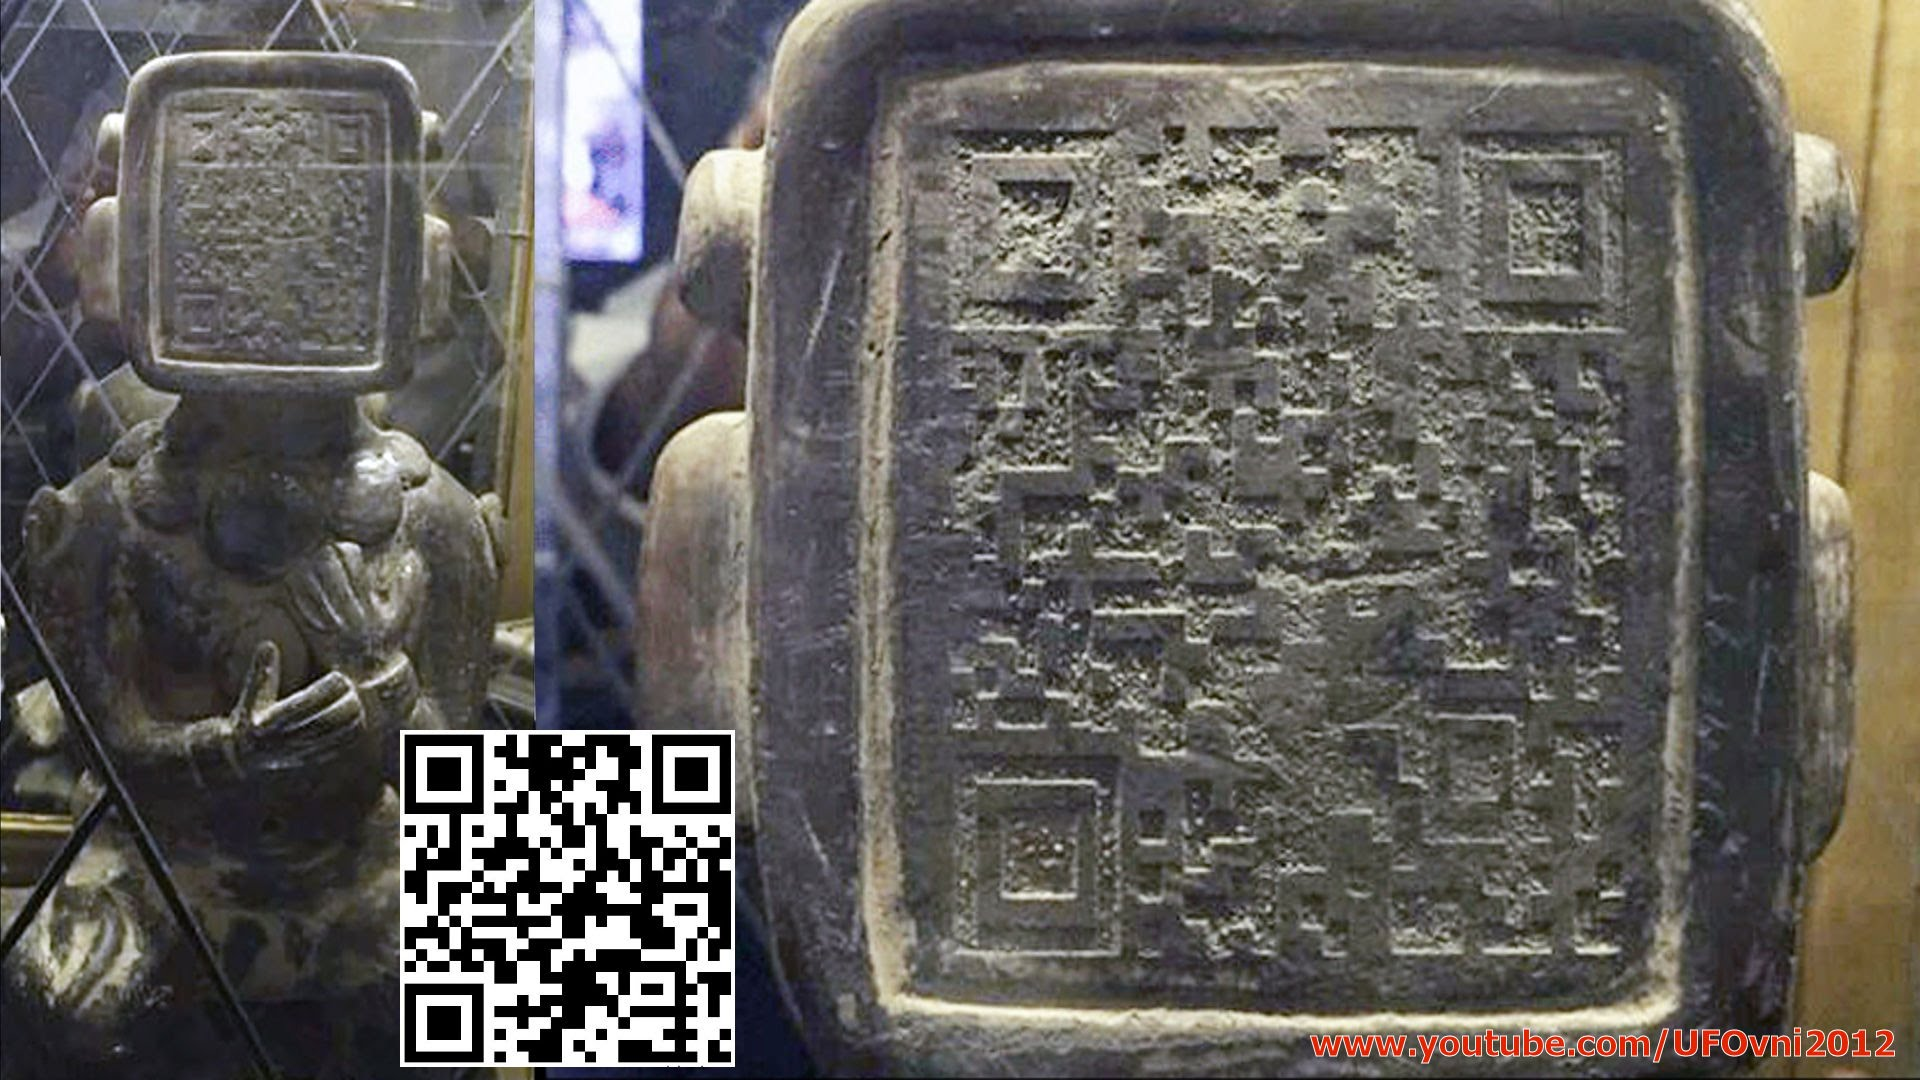 ほんとかこれ……マヤ文明にQRコードがあったかもしれない